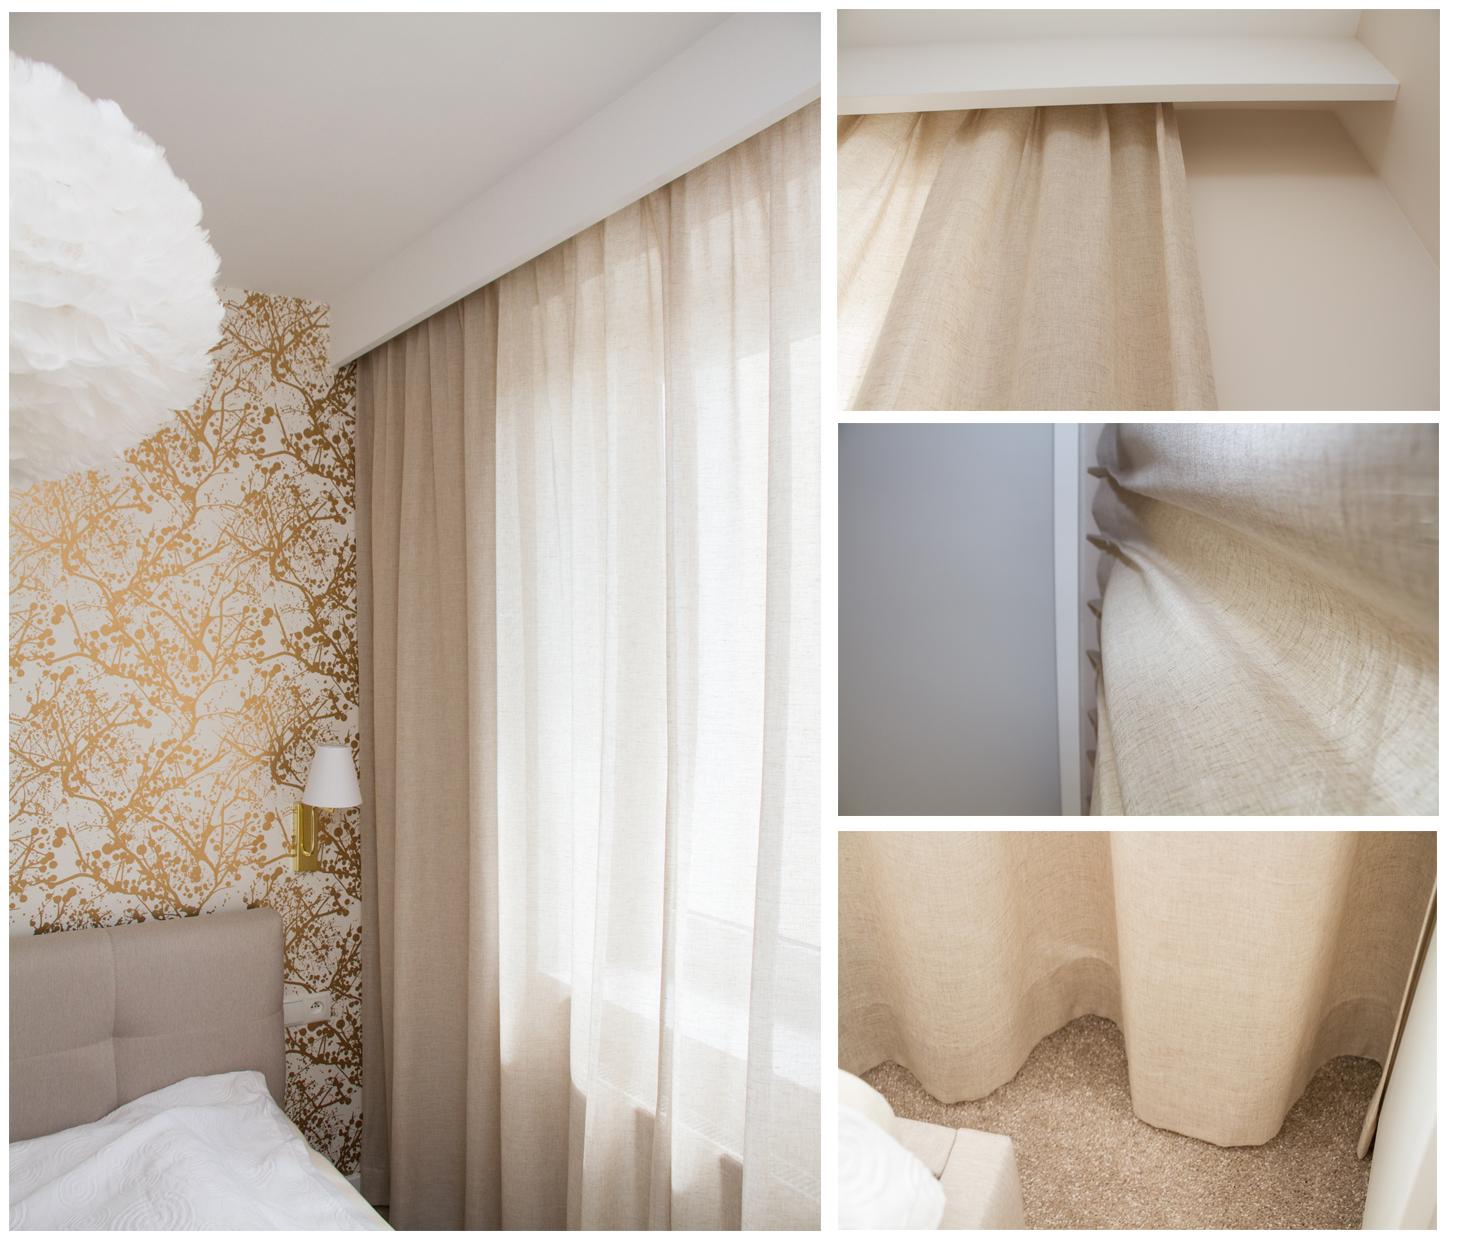 Jak przygotować projekt wnętrza, pod system dekoracji okiennych?